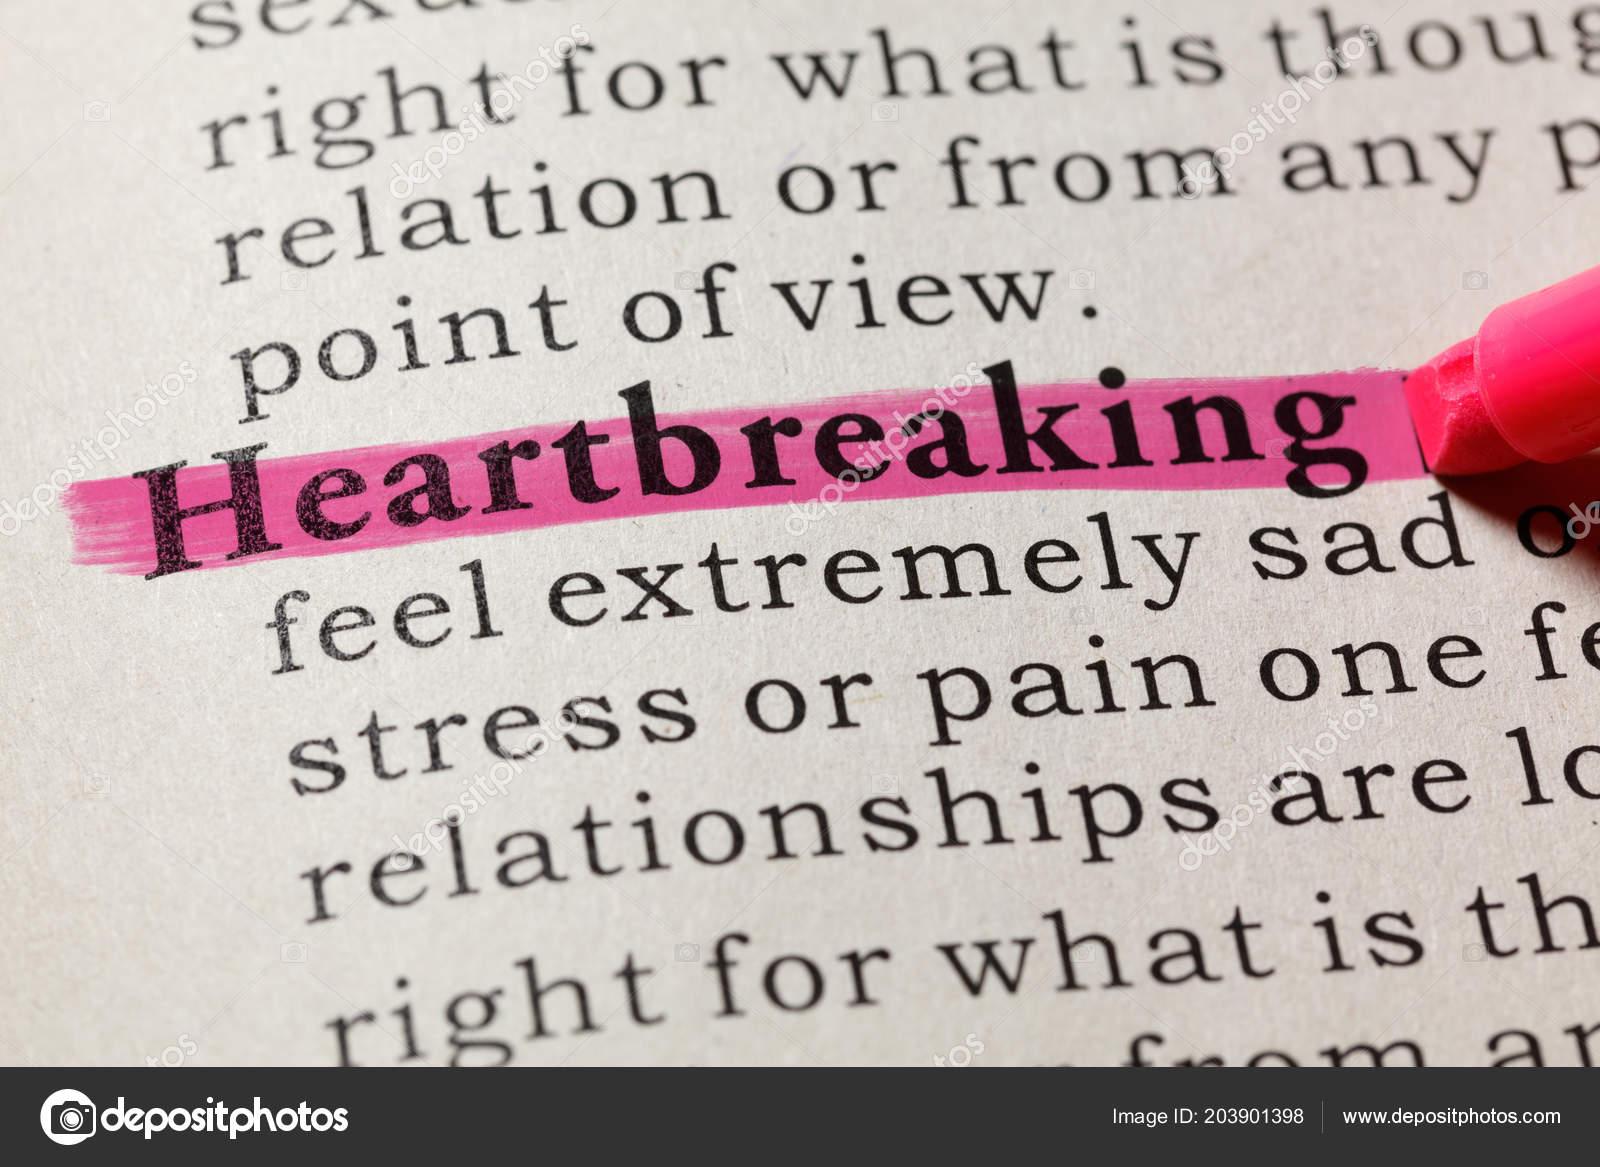 Descriptive words for relationships